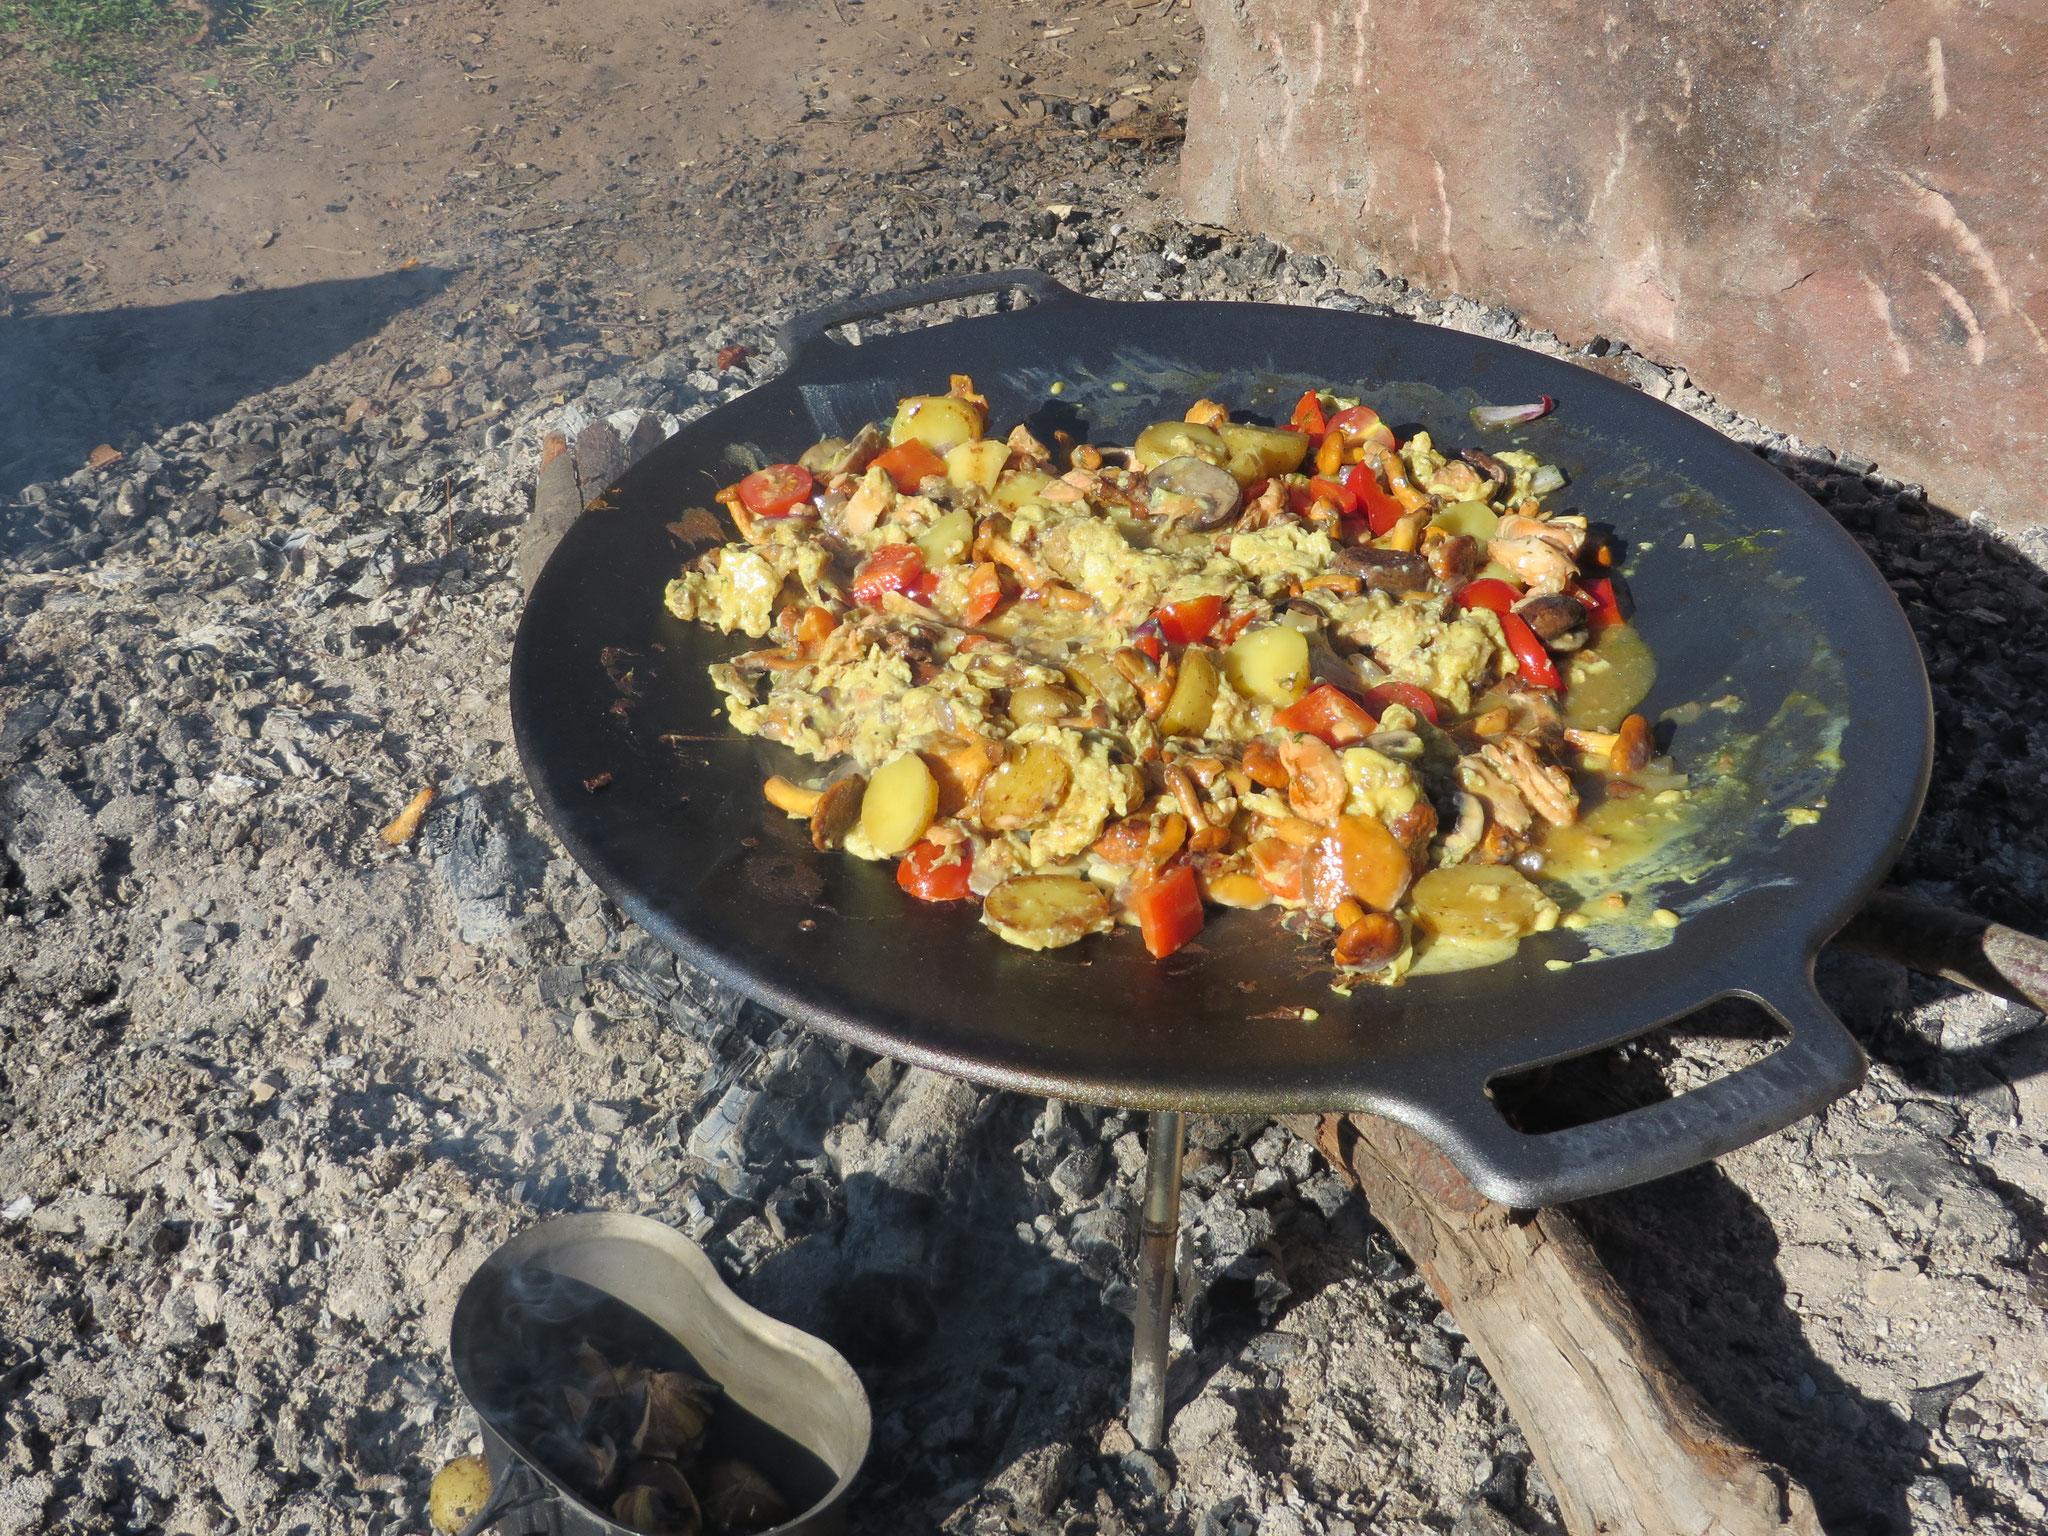 Und schon wird ein Pilz-Omelette daraus. Nebenan Maroni in der Blechtasse.